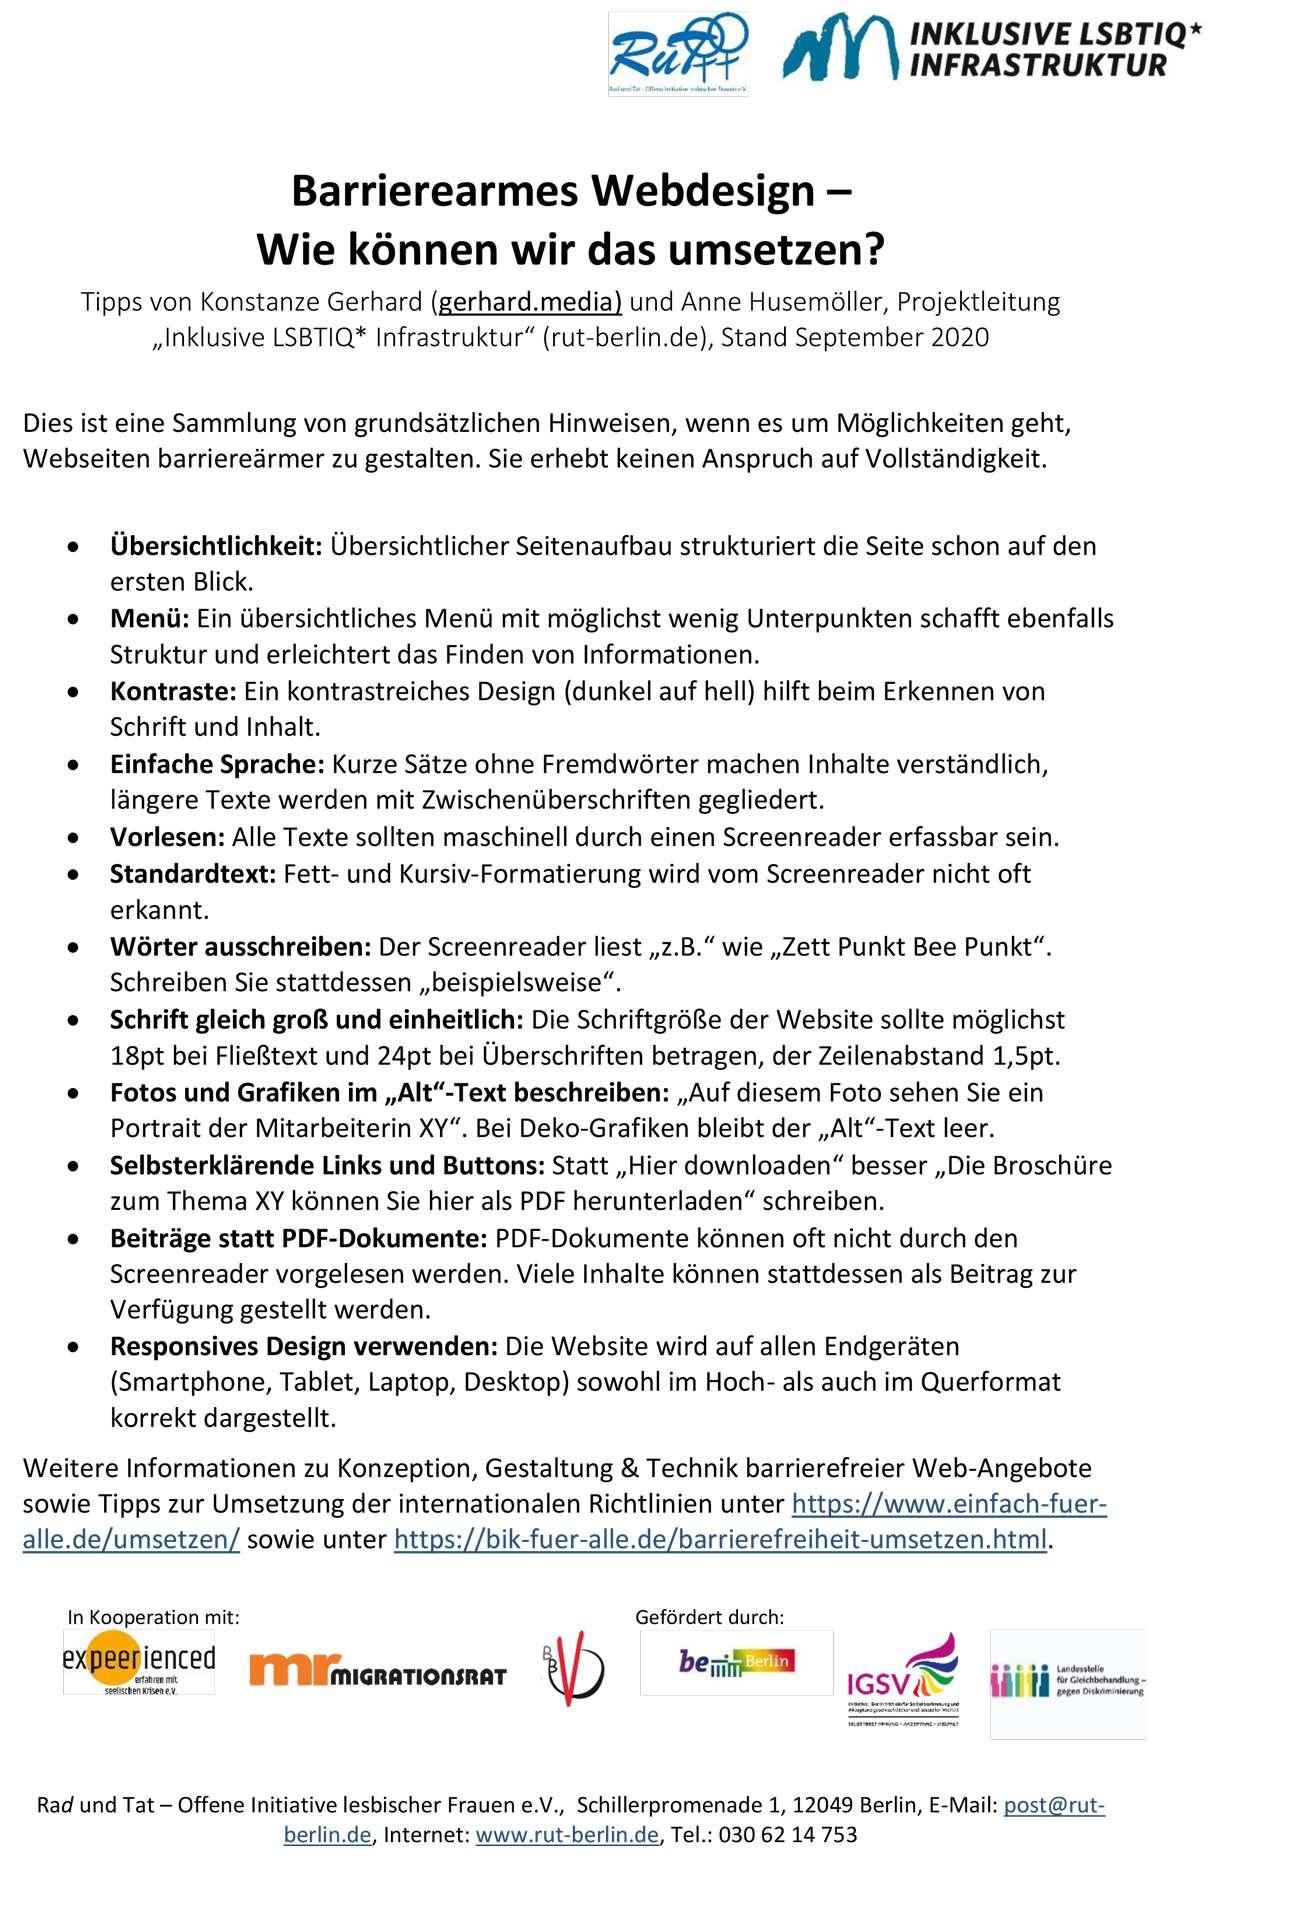 Bild vom PDF: Barrierearmes Webdesign – Wie können wir das umsetzen?